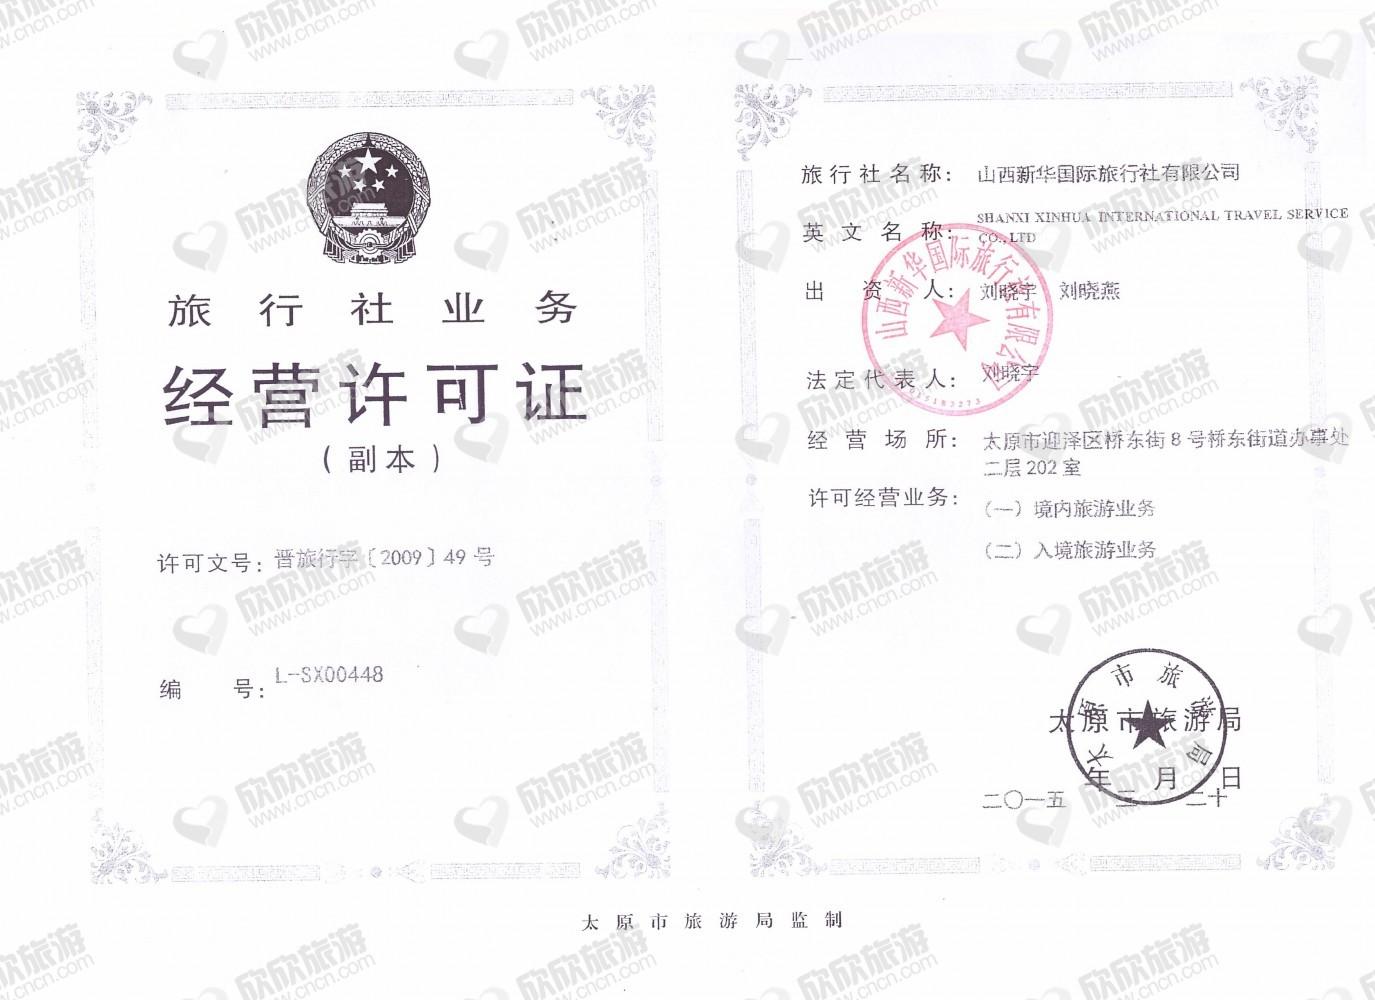 山西新华国际旅行社有限公司经营许可证